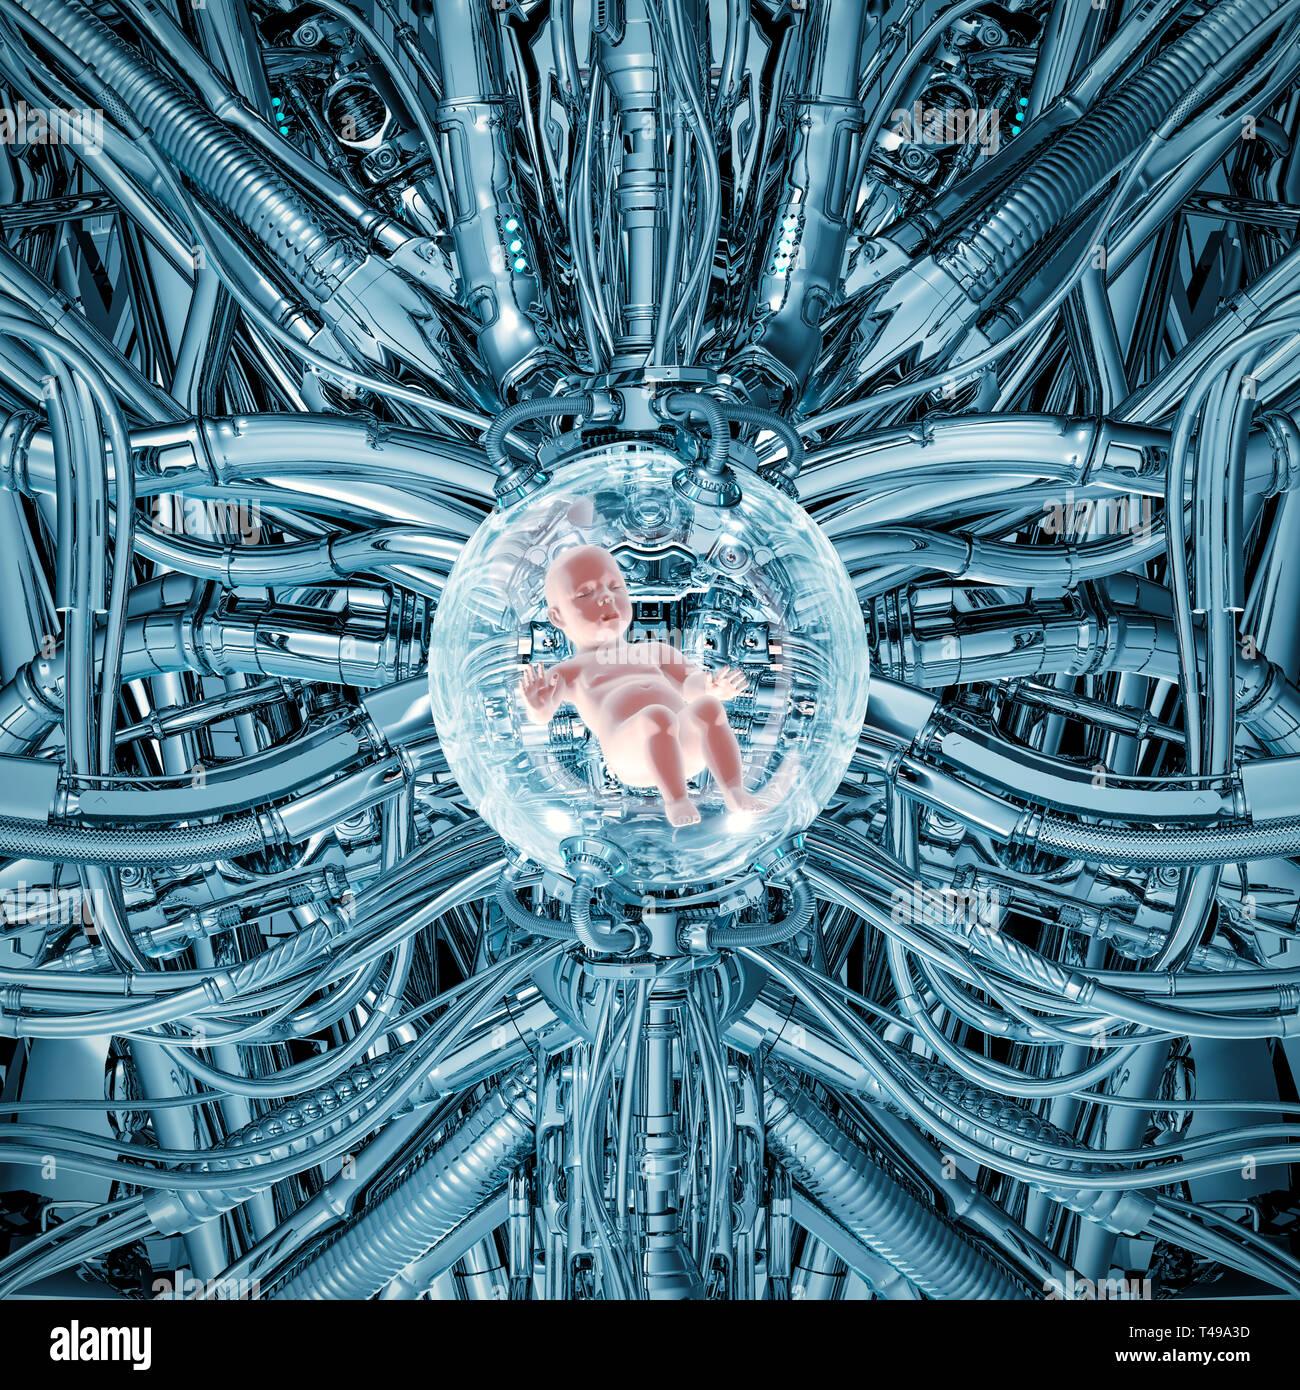 El bebé pod chrome / 3D ilustración de ciencia ficción escena mostrando derechos niño dormido dentro de brillante incubadora futurista compleja maquinaria de clonación Foto de stock